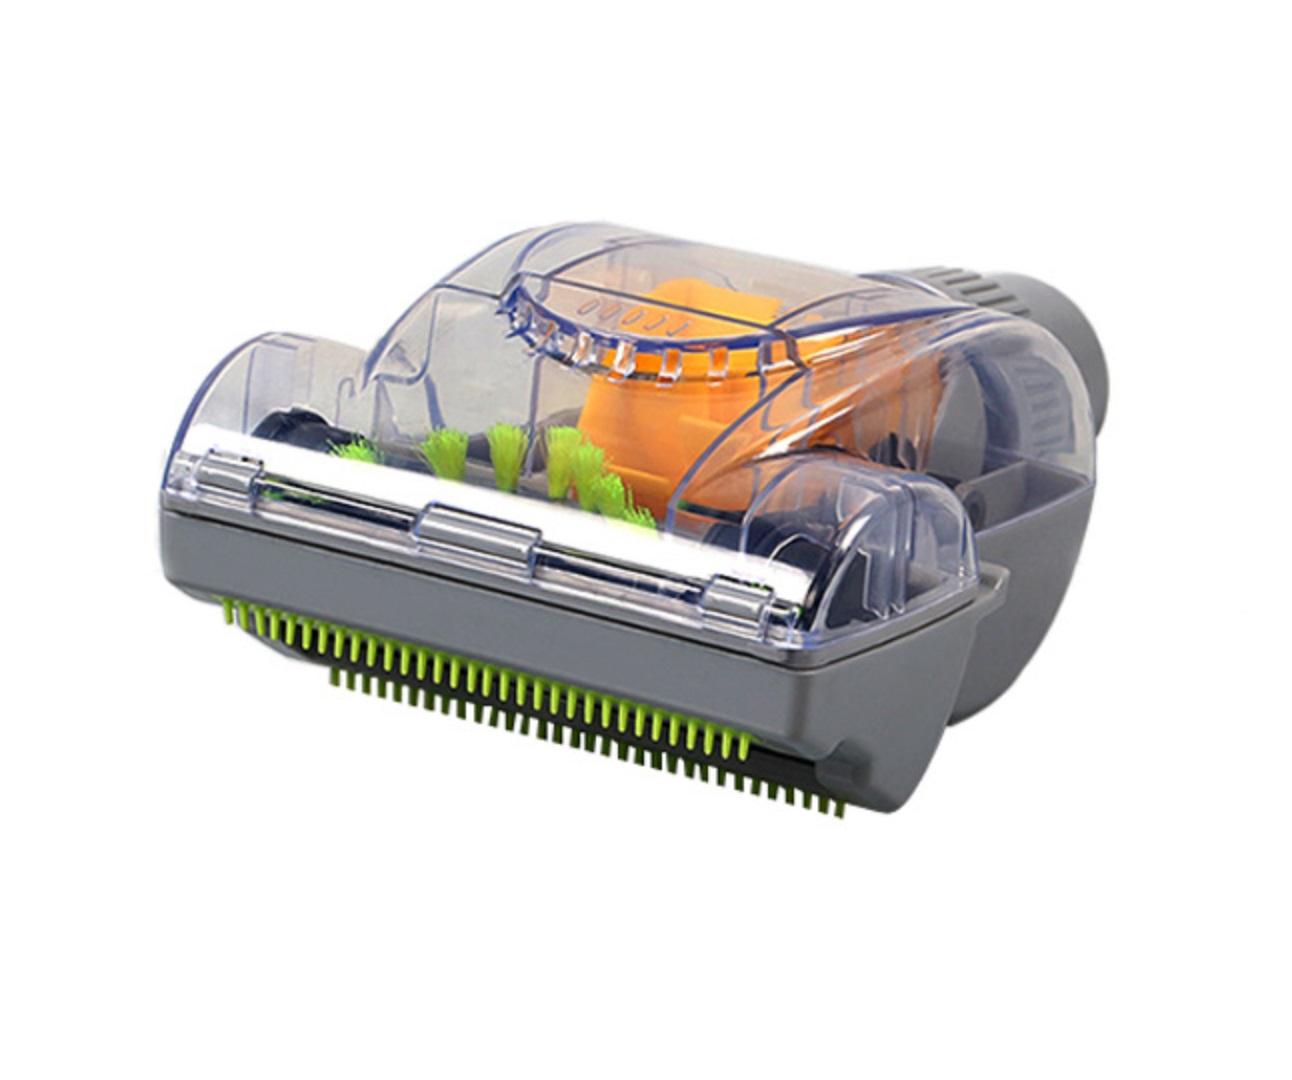 Đầu bàn chải vệ sinh sofa - Phụ kiện máy hút bụi giường nệm, đệm bông, sofa